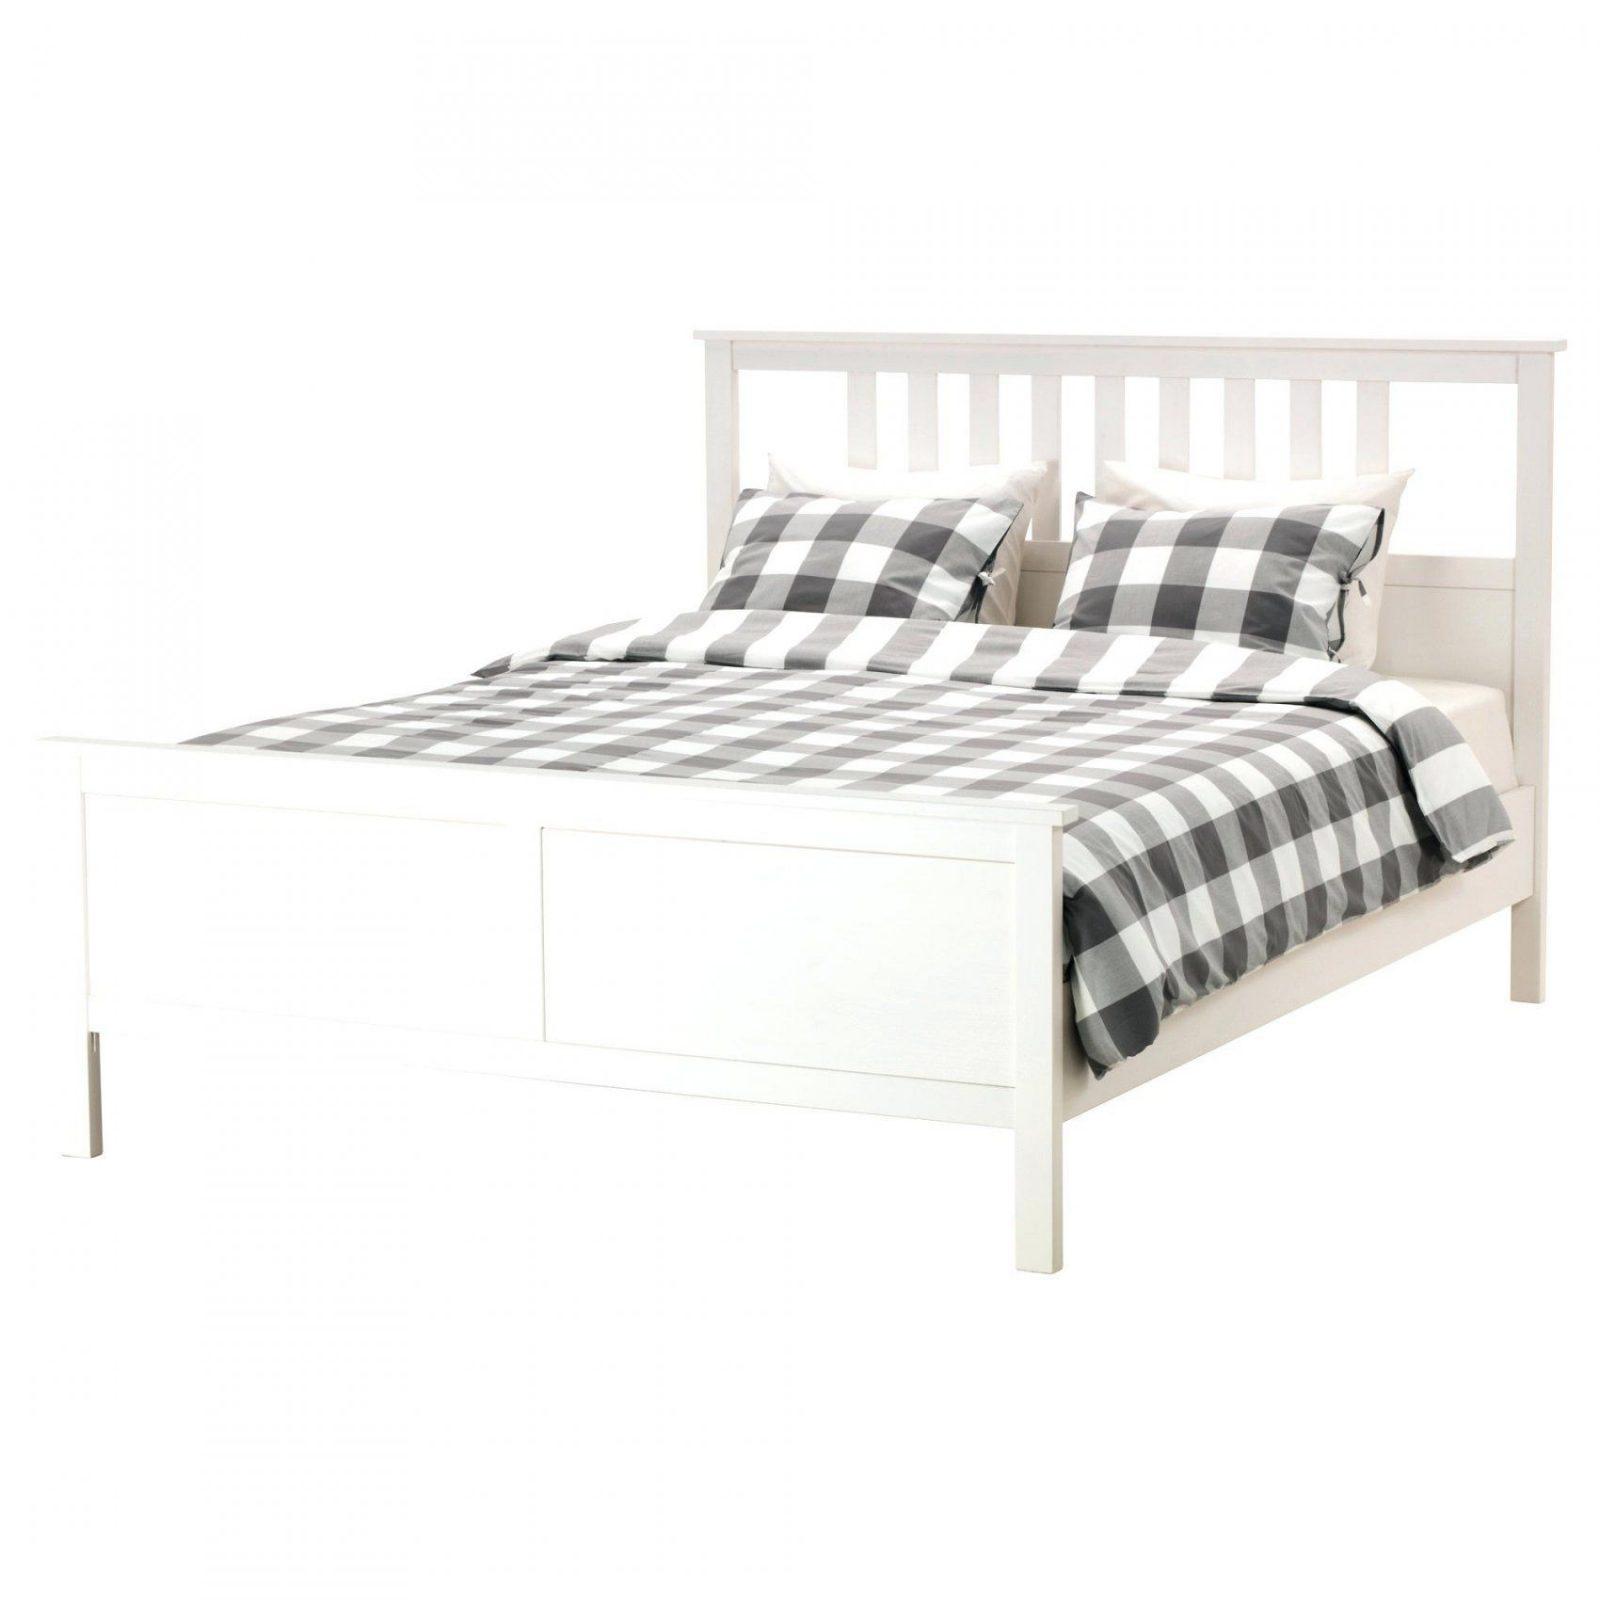 Betten Ikea Boxspring Betten Ikea Innerhalb Runder Teppich Mit von Bett 120X200 Weiß Ikea Photo